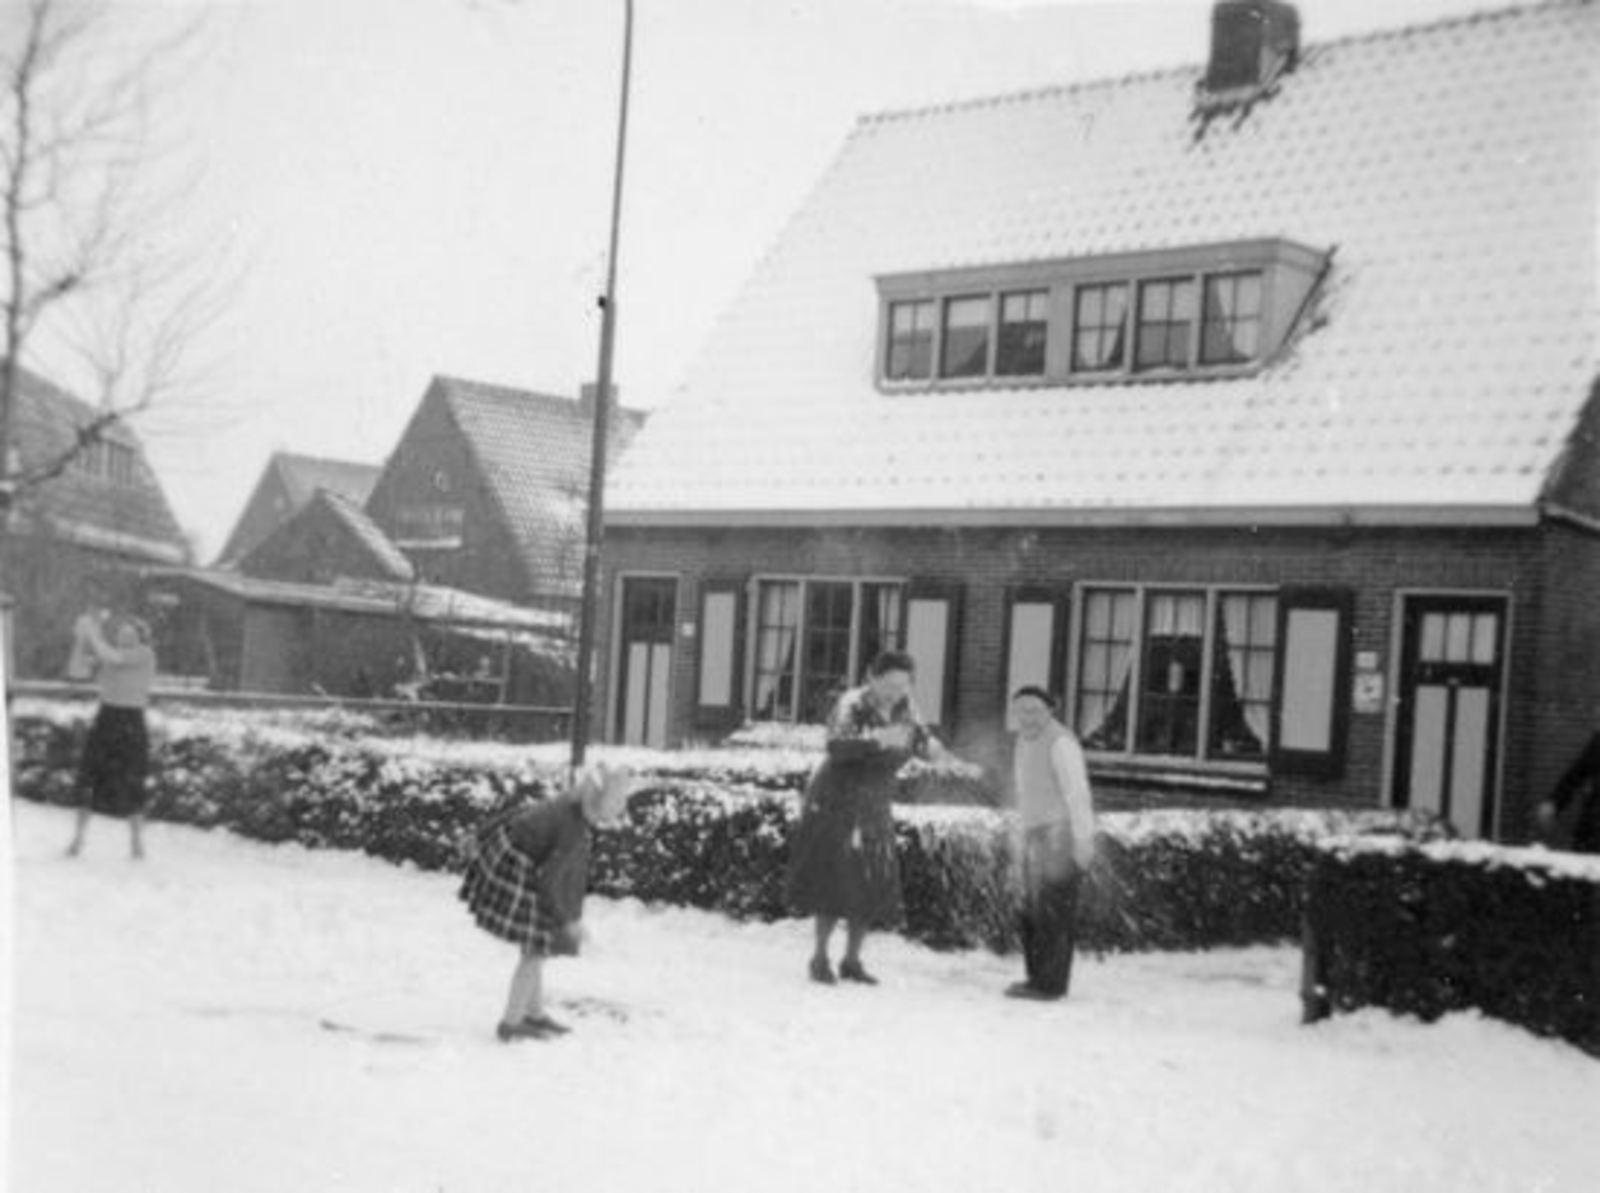 Wilhelminalaan O 0046 1954± met Daniel Broere Sneeuwbal gooien